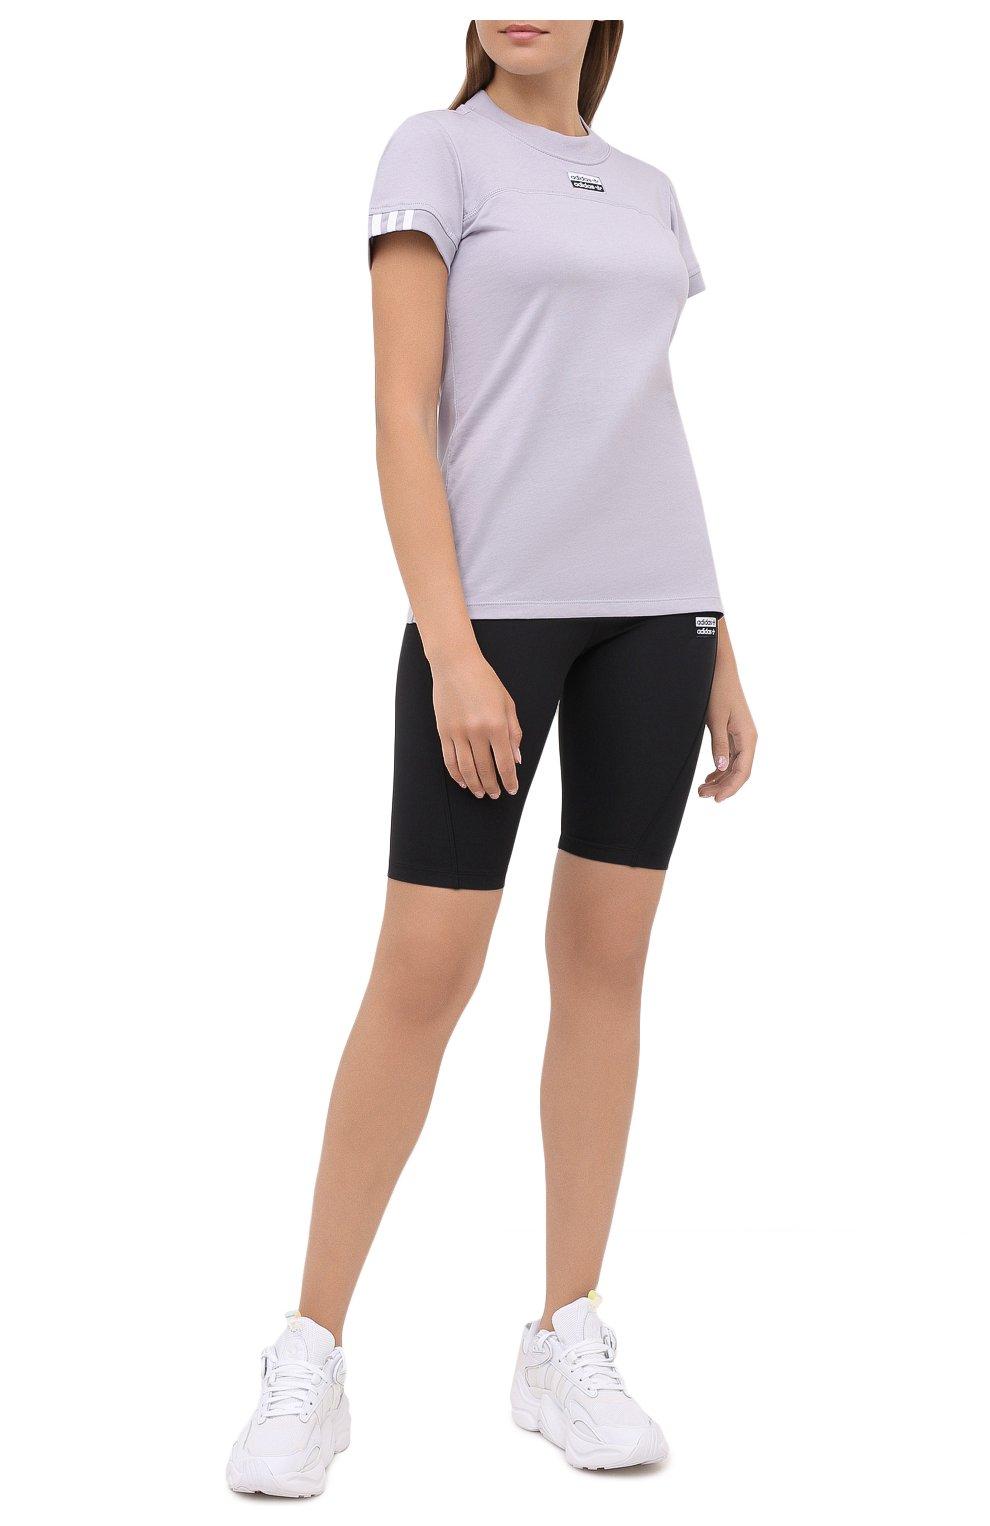 Женская хлопковая футболка ADIDAS ORIGINALS сиреневого цвета, арт. GD3805   Фото 2 (Женское Кросс-КТ: Футболка-спорт, Футболка-одежда; Рукава: Короткие; Кросс-КТ: Спорт; Длина (для топов): Стандартные; Принт: С принтом; Материал внешний: Хлопок; Стили: Спорт)